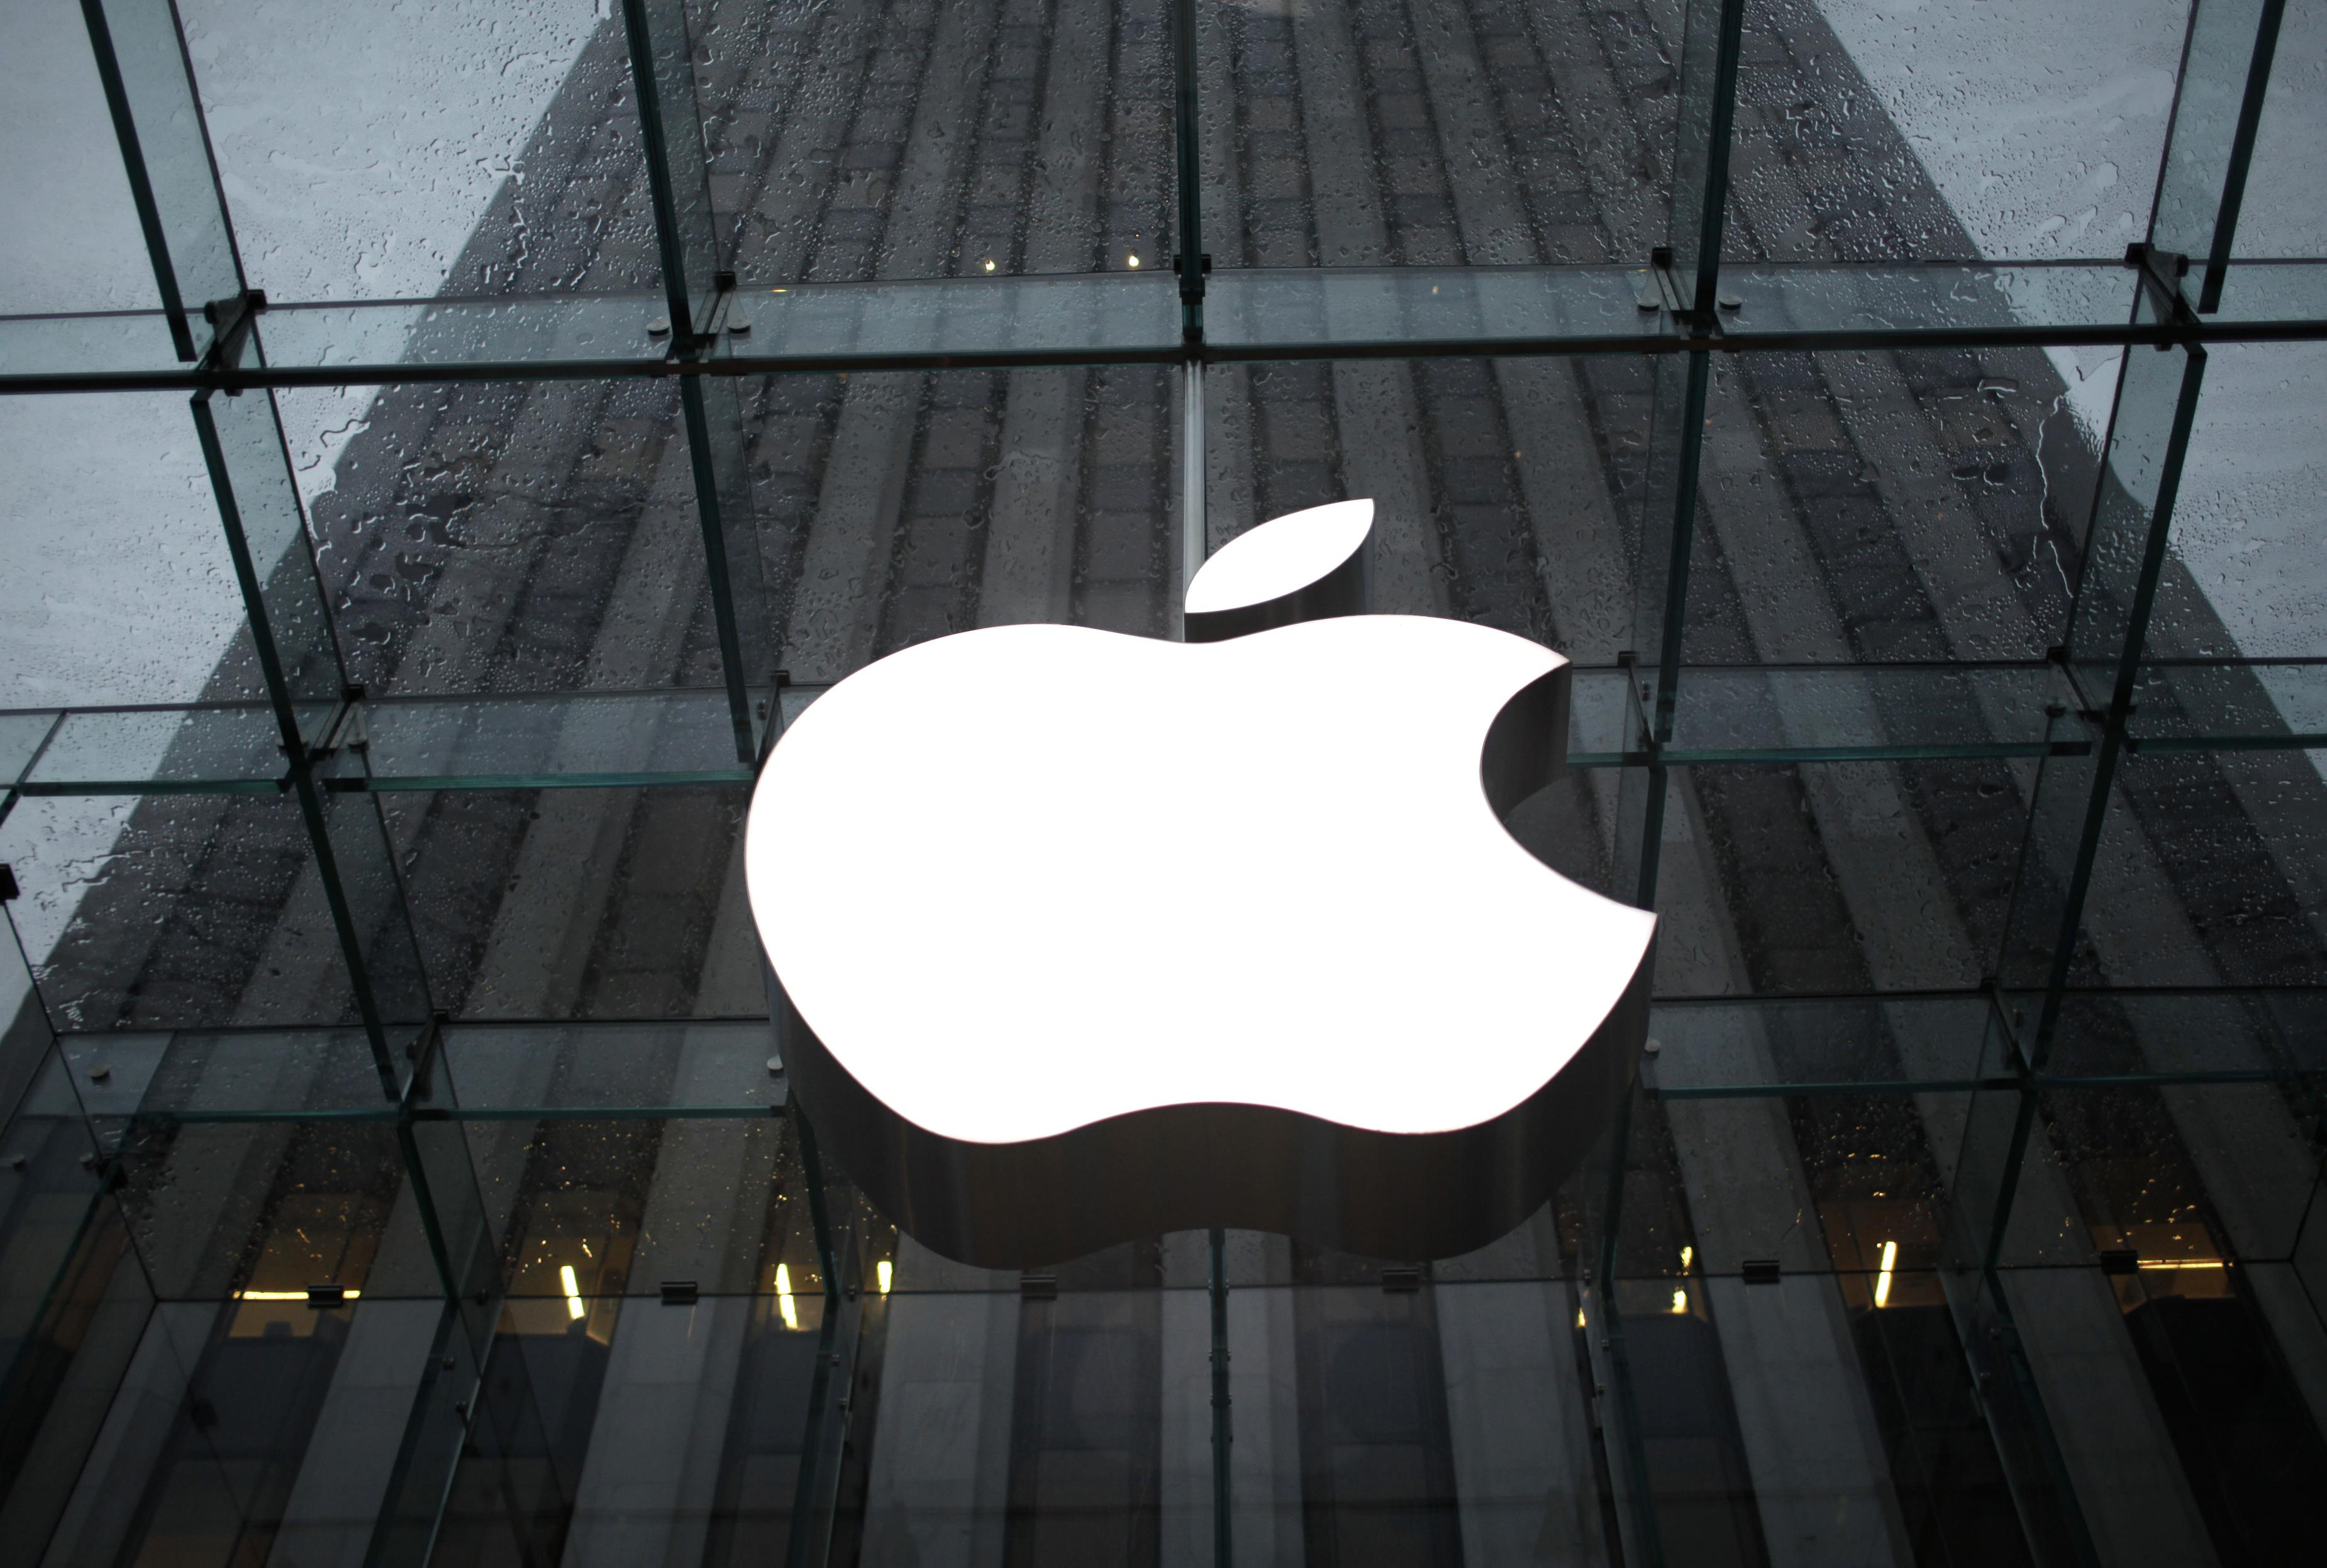 Apple'ın kendi birinci basamak sağlık hizmetini başlatmayı düşündüğü bildiriliyor | Engadget